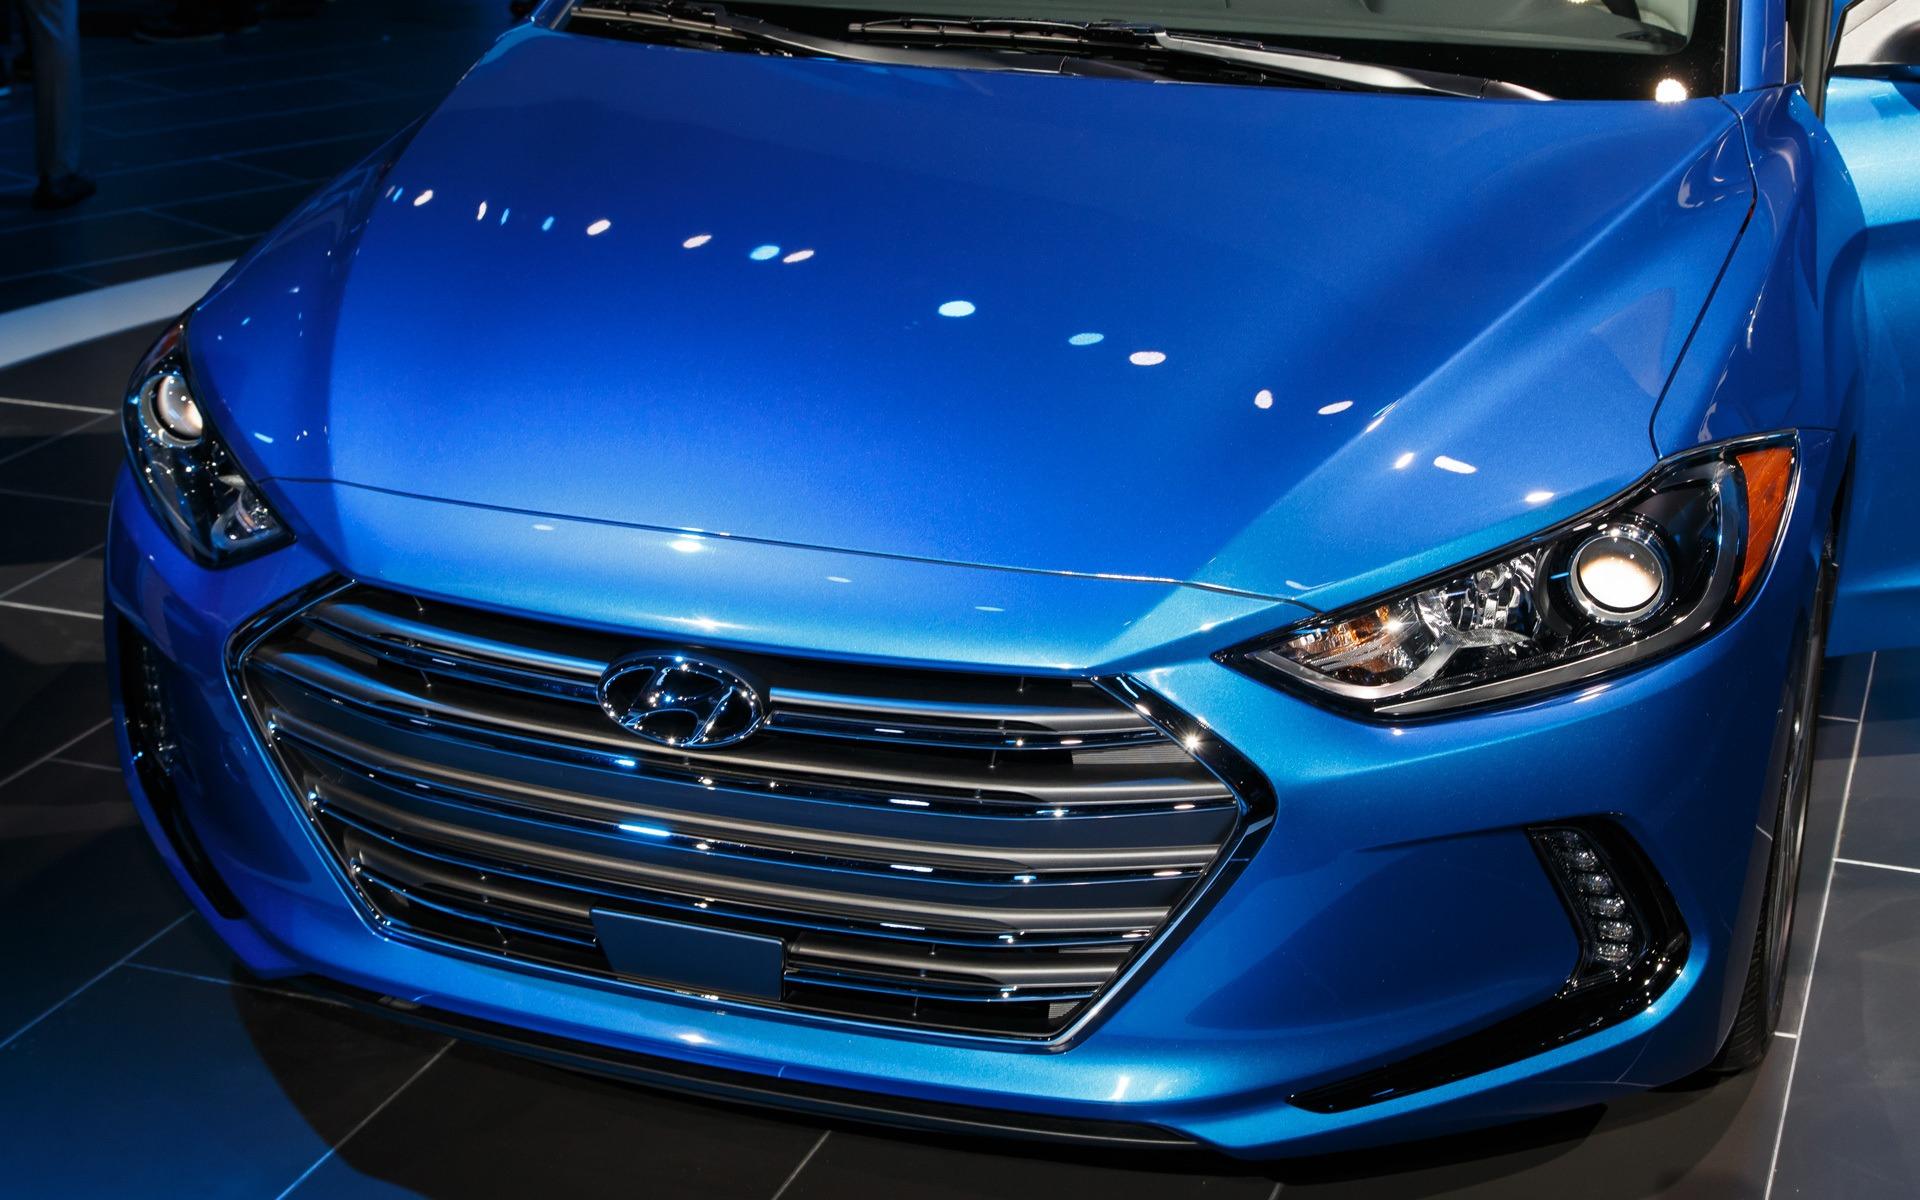 2017 Hyundai Elantra Bigger More Rigid And Less Powerful